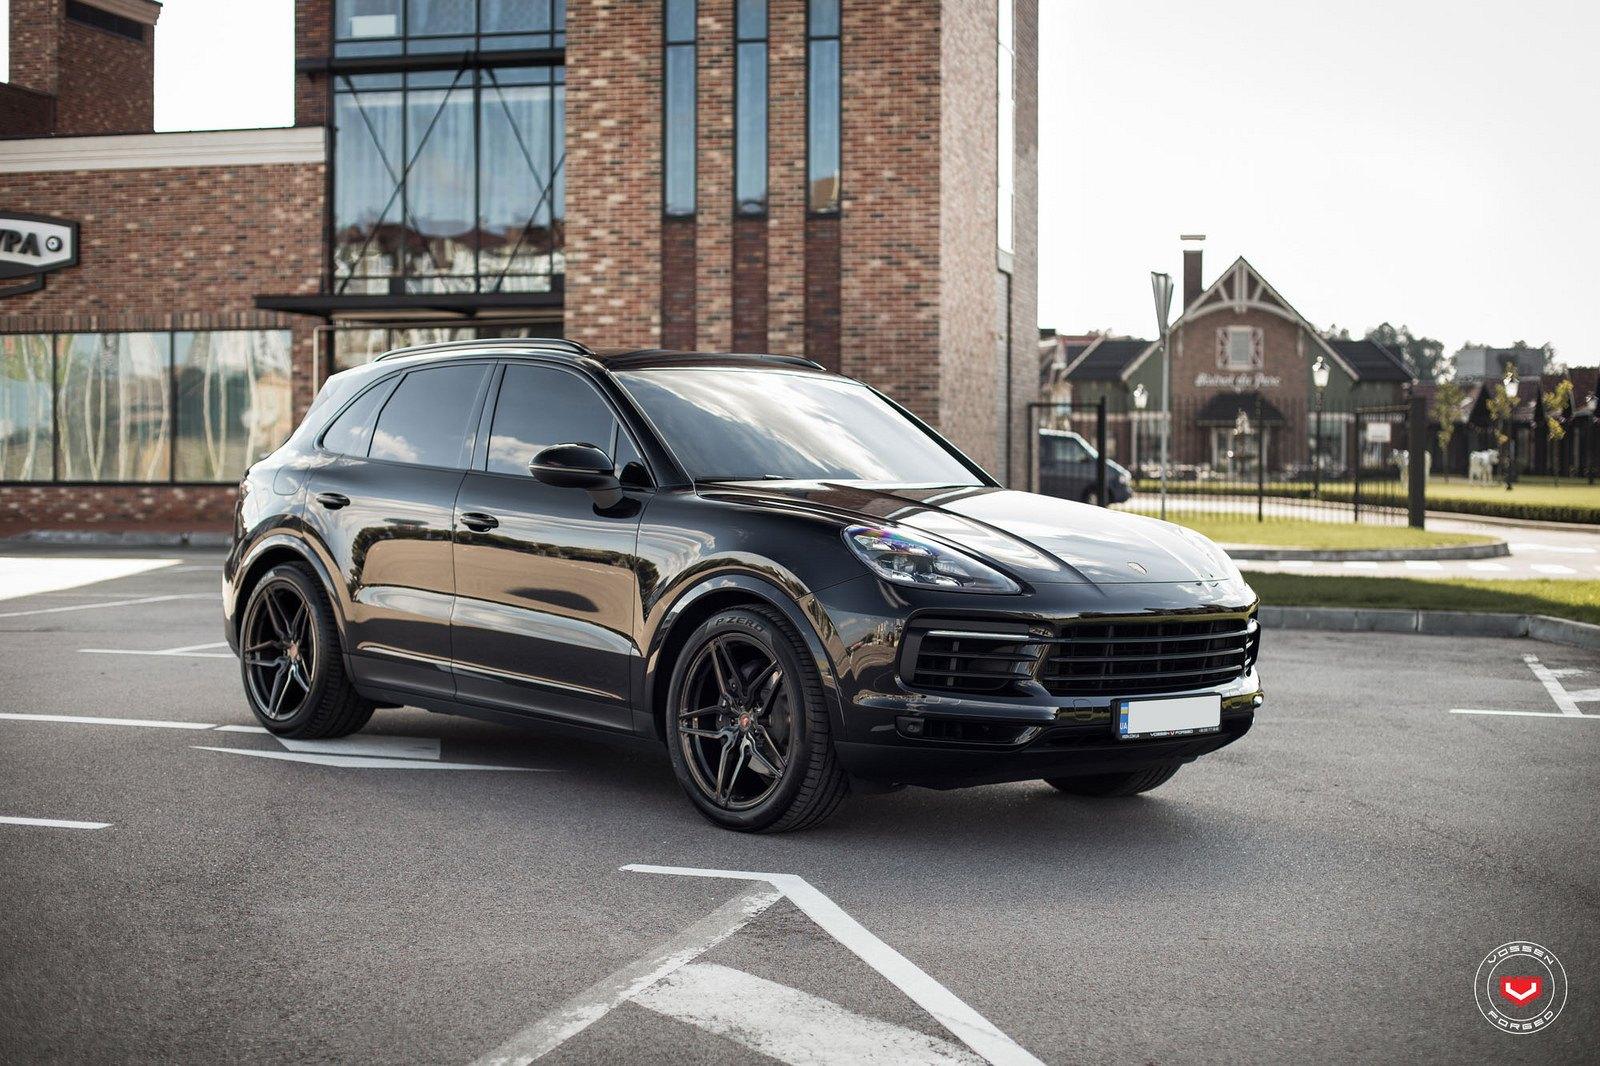 Porsche Cayenne Goes Elegant With Vossen Wheels Carid Com Gallery